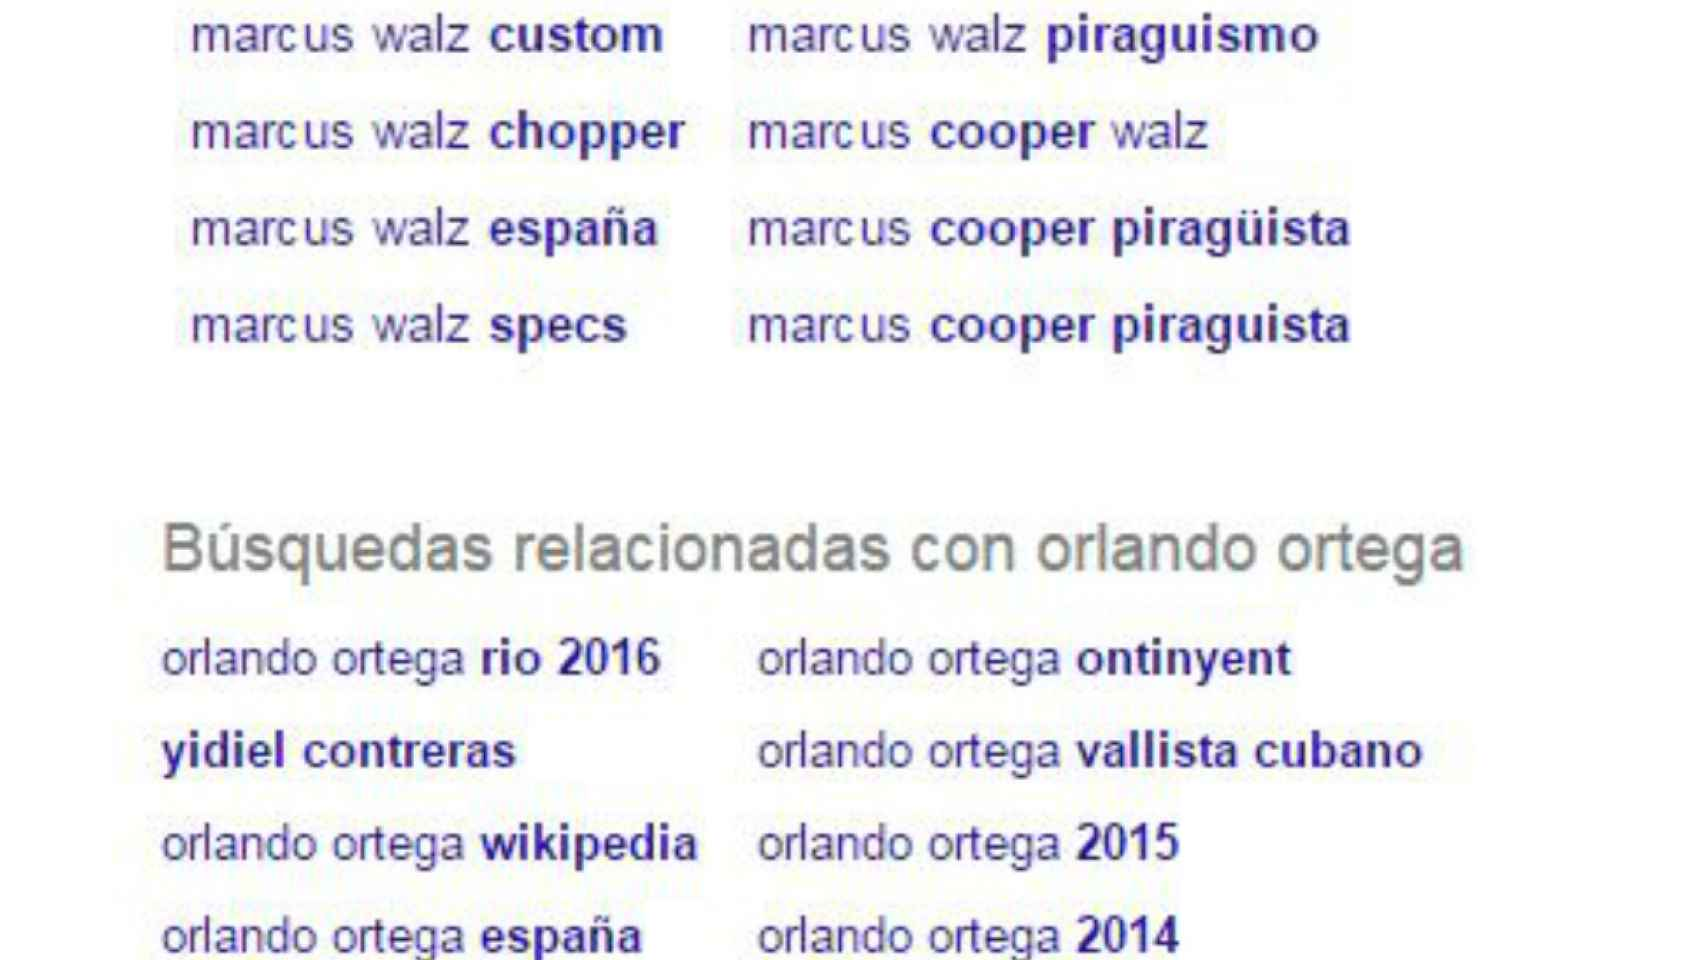 Búsquedas relacionadas con Marcus Walz y Orlando Ortega en Google.